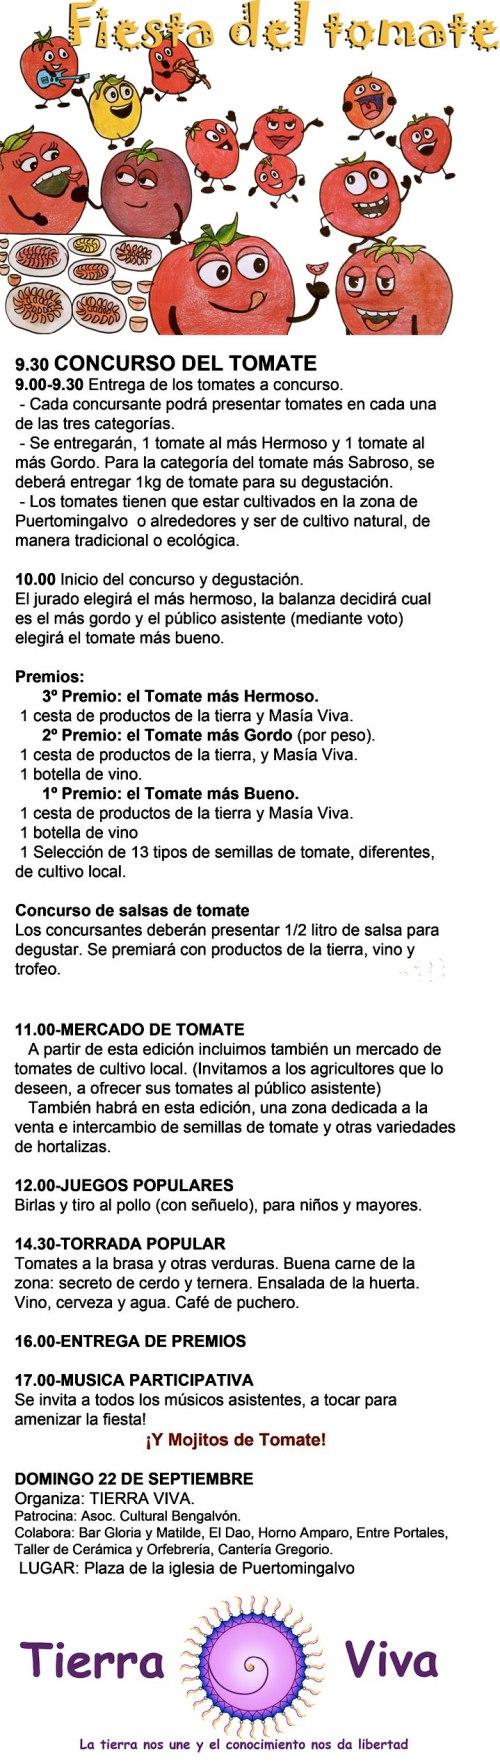 Cartel de la Fiesta del tomate en Puertomingalvo - Teruel.